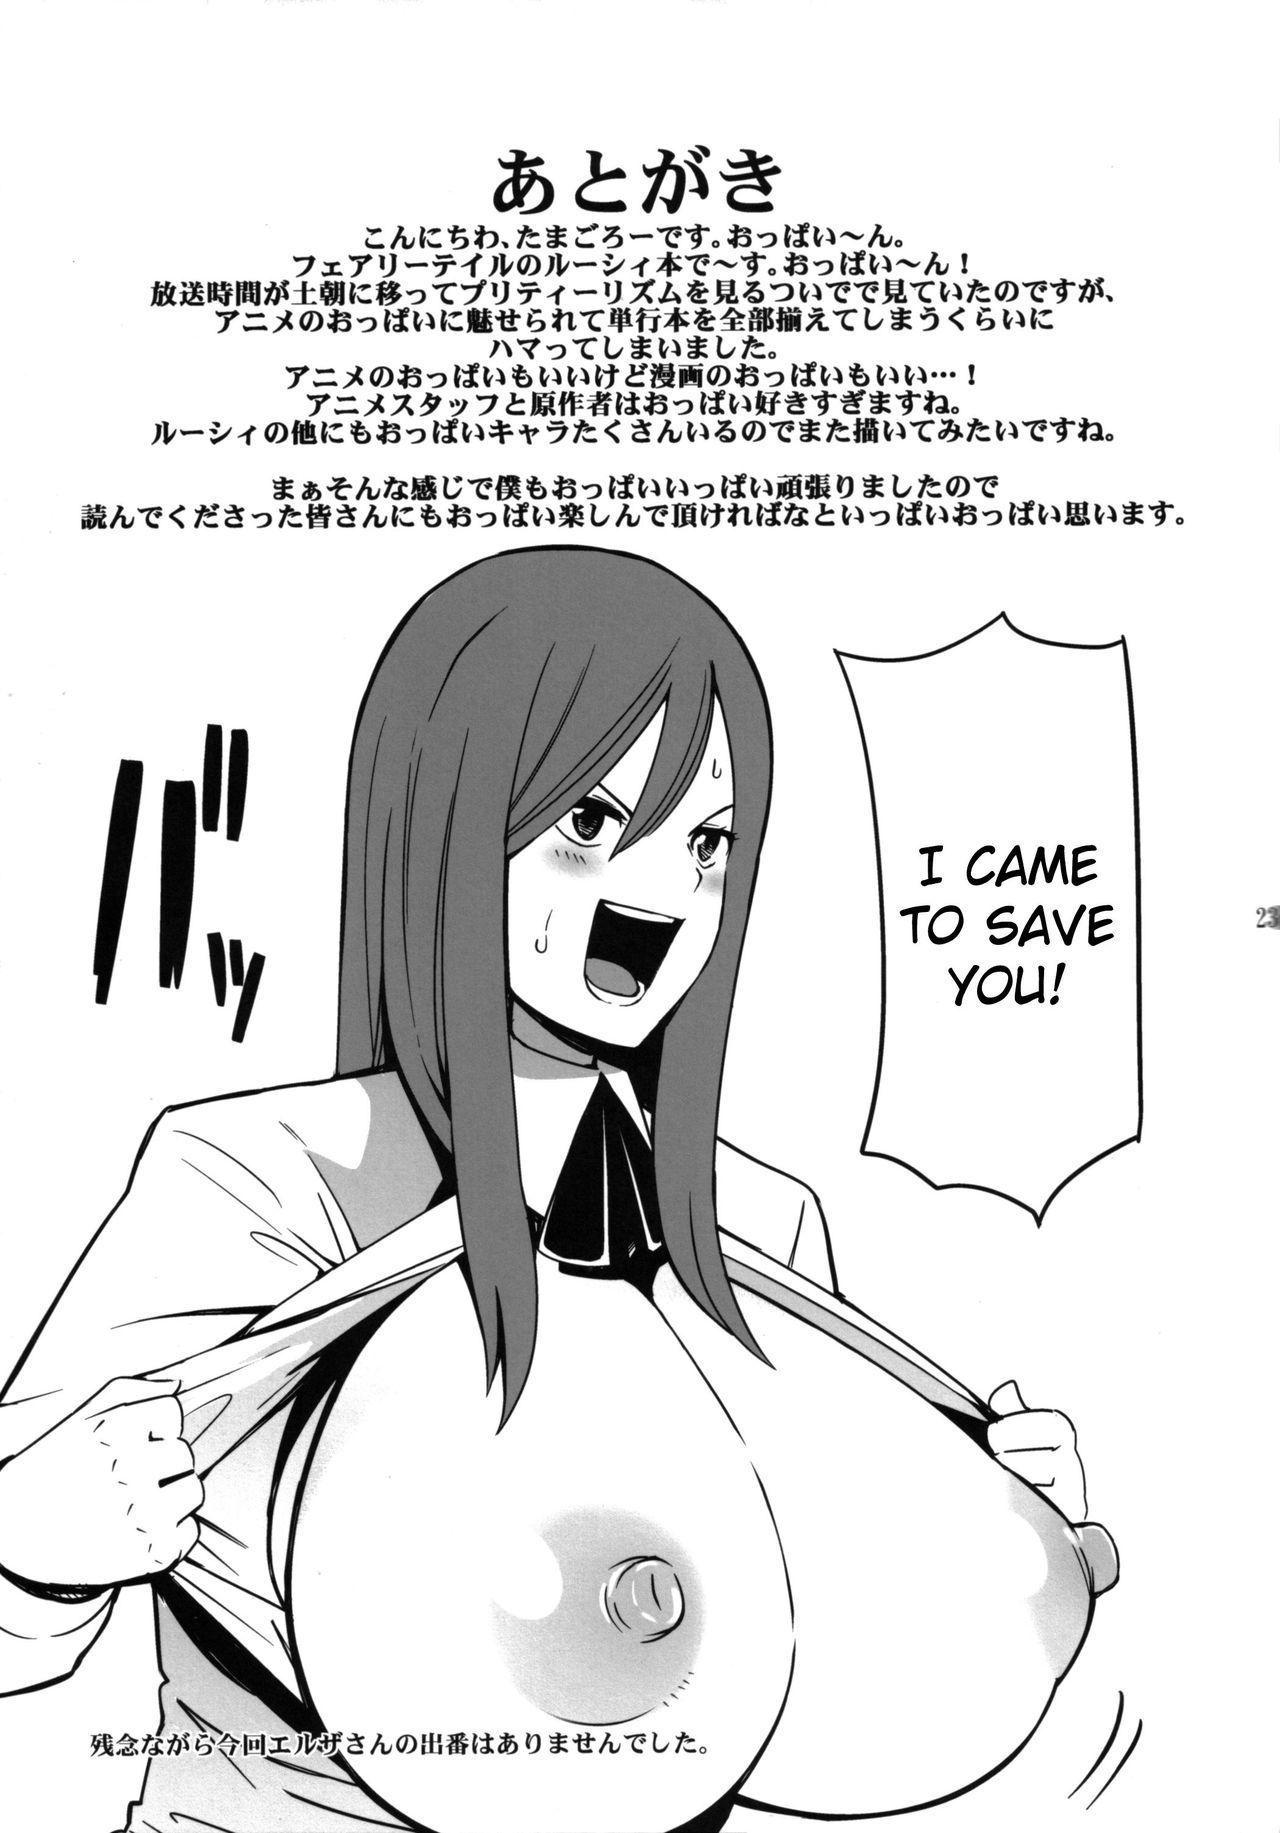 Chichikko bitch hentai manga picture 24